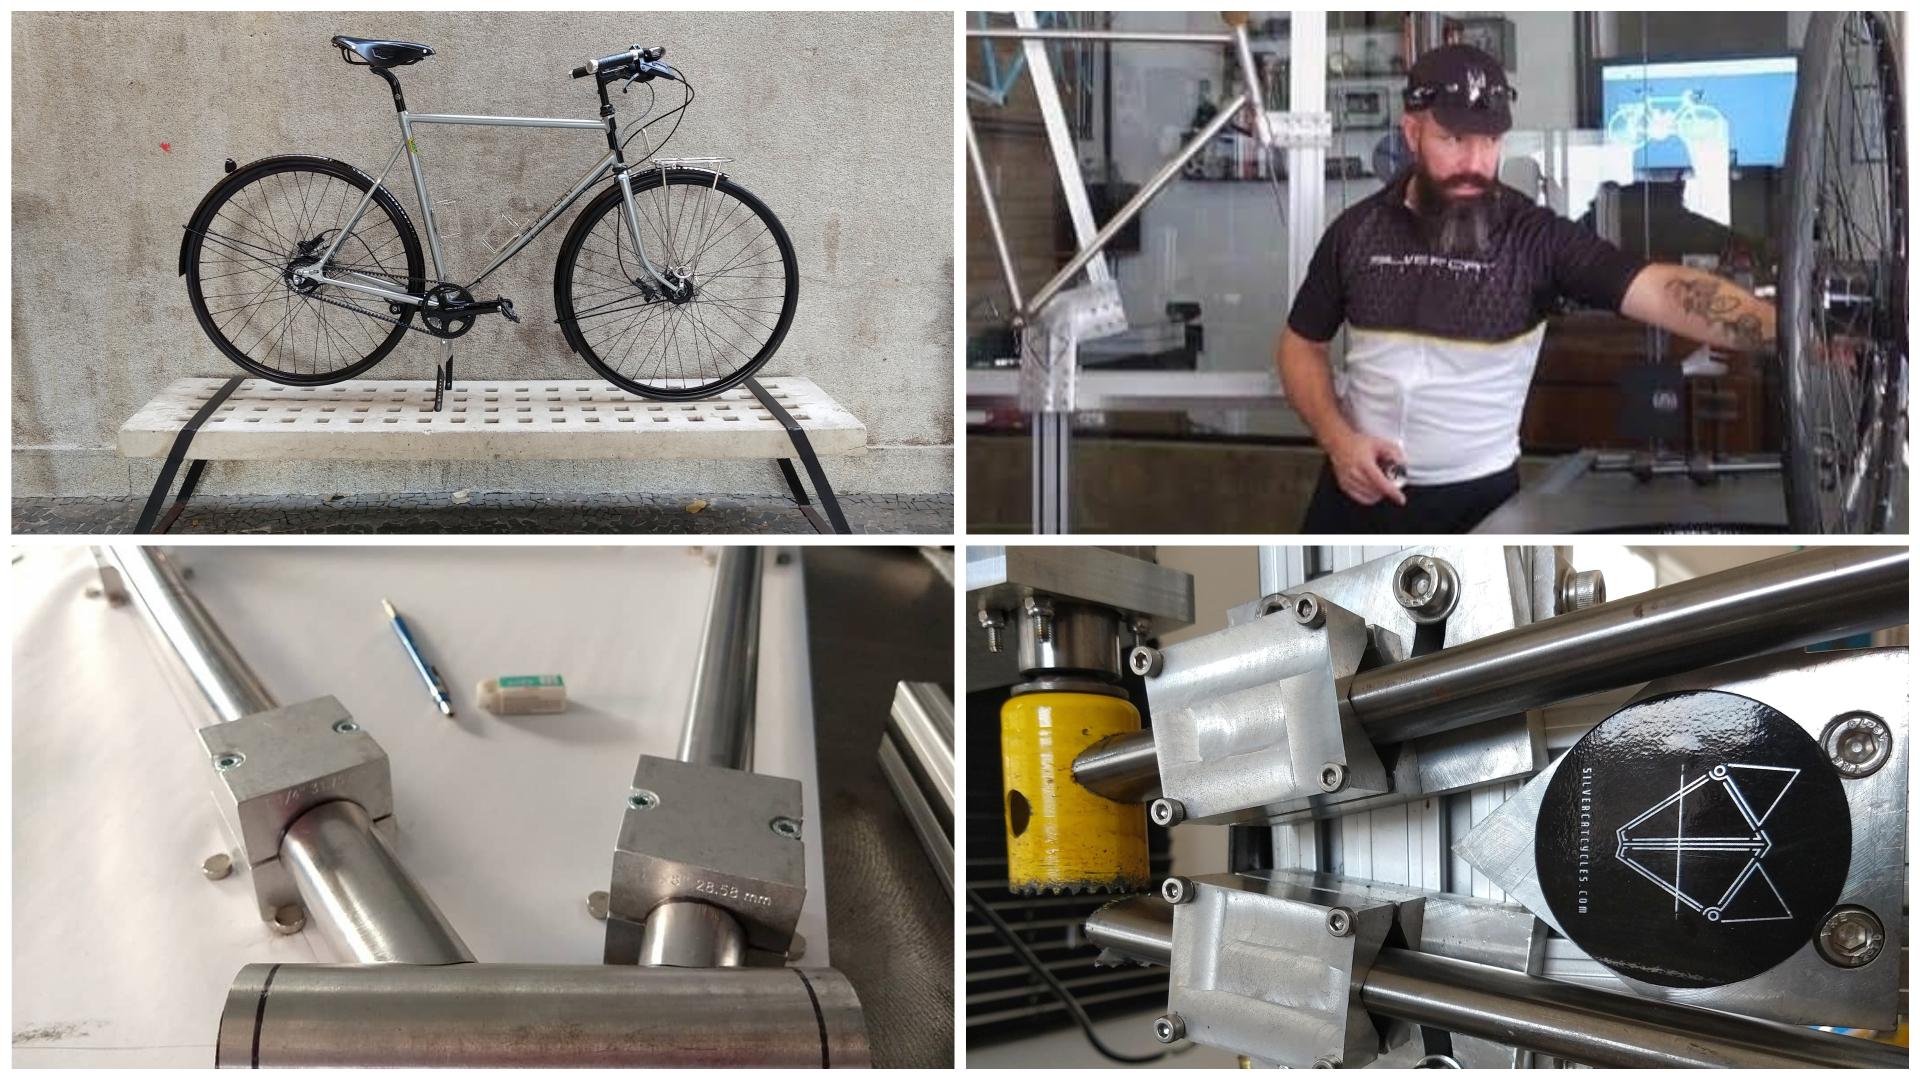 Completamente apaixonado pelos detalhes, o artesão Sergio Rodrigues desenvolve os projetos exclusivíssimos de suas bikes somente após uma longa conversa com o comprador